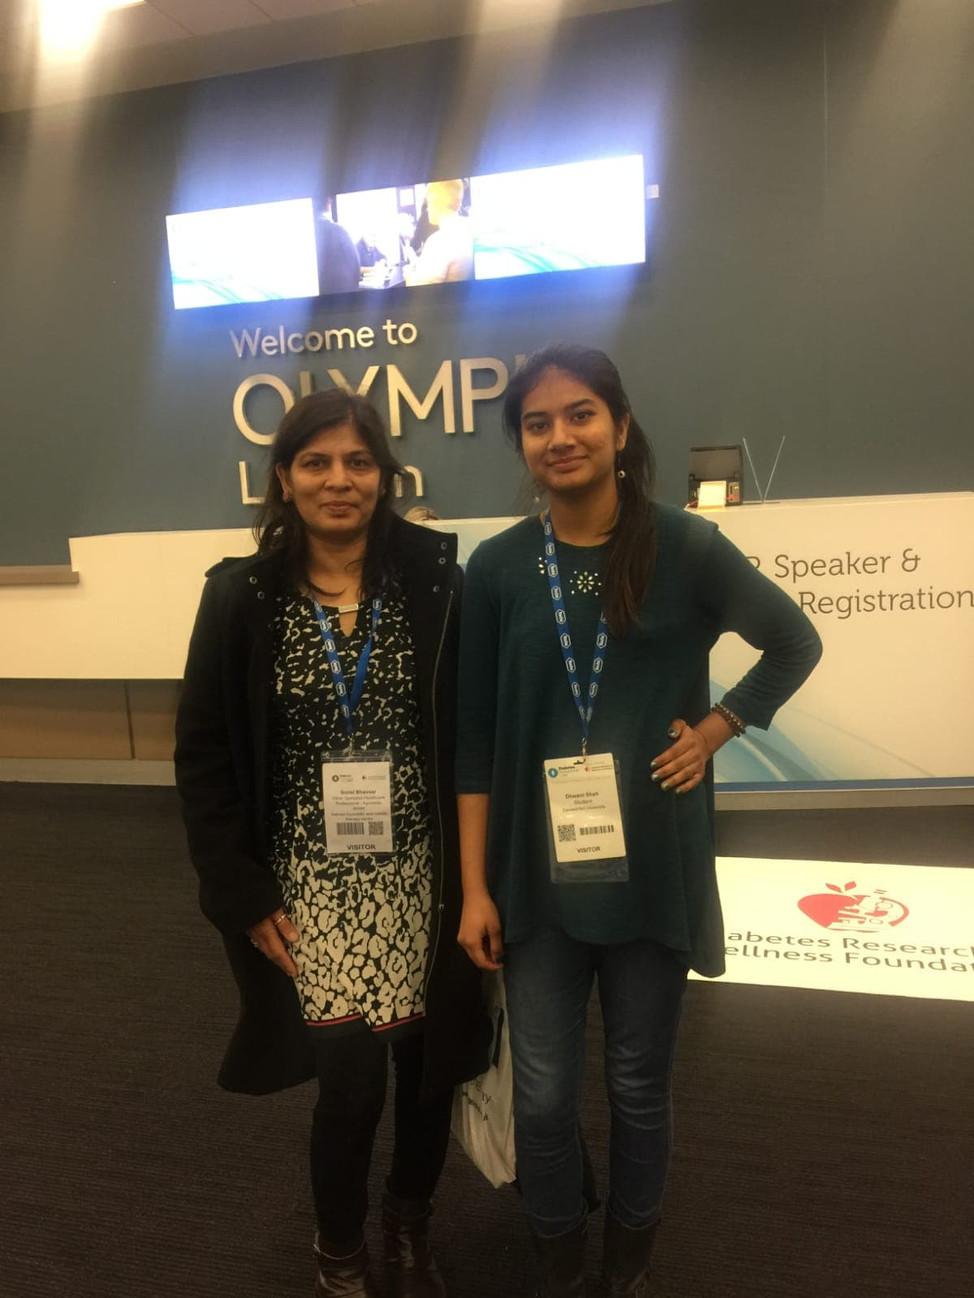 Olympiad London